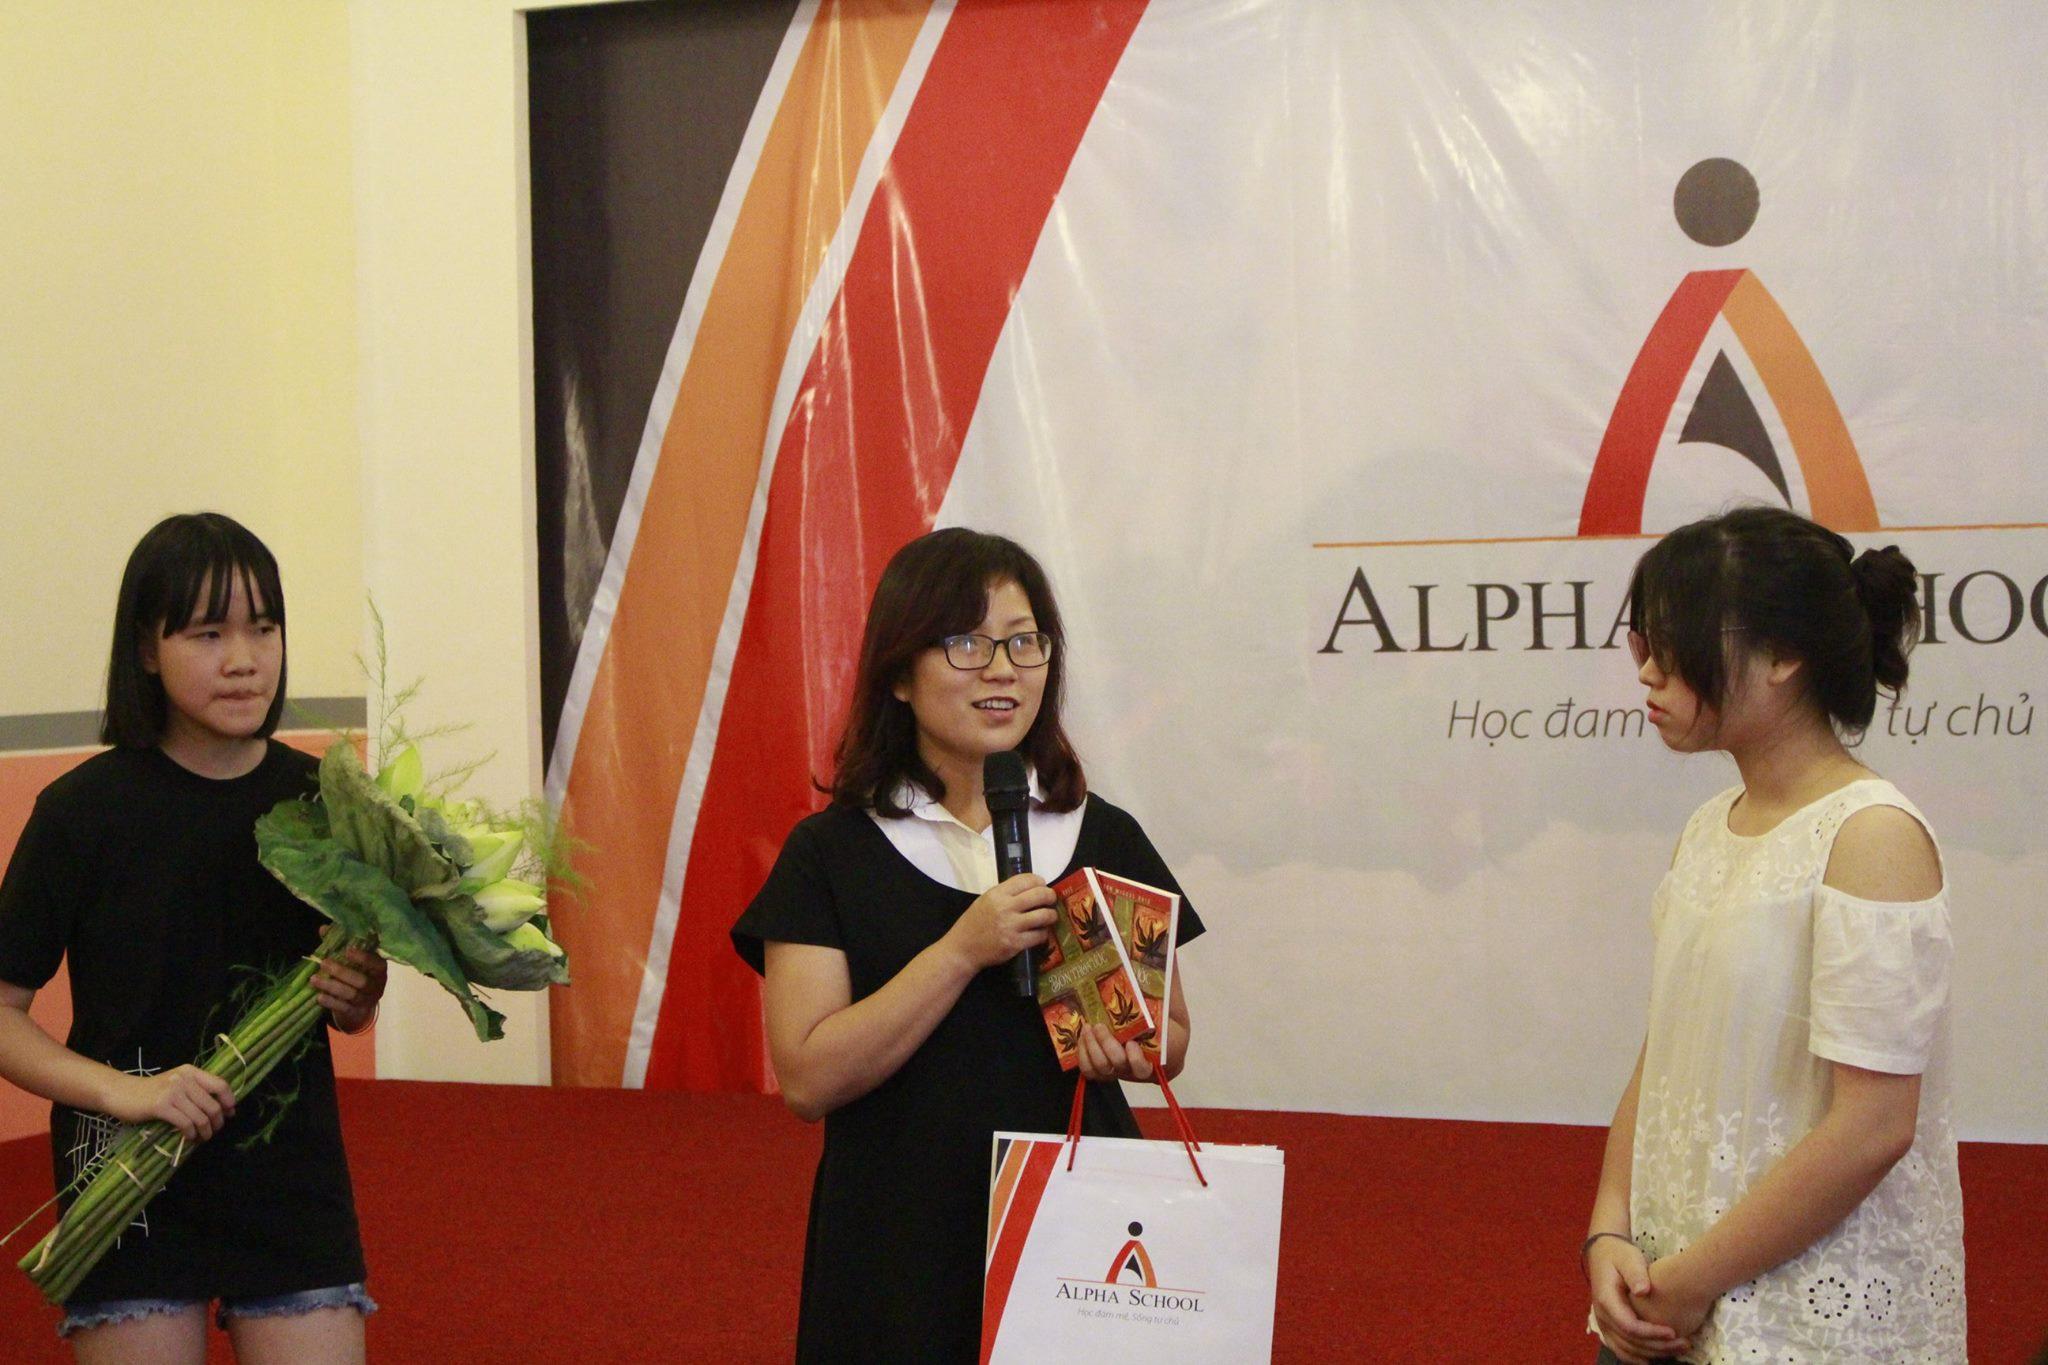 Các bạn cũng được cô Hải Yến, Giám đốc điều hành tặng quà kỷ niệm trước khi bay sang Mỹ du học.